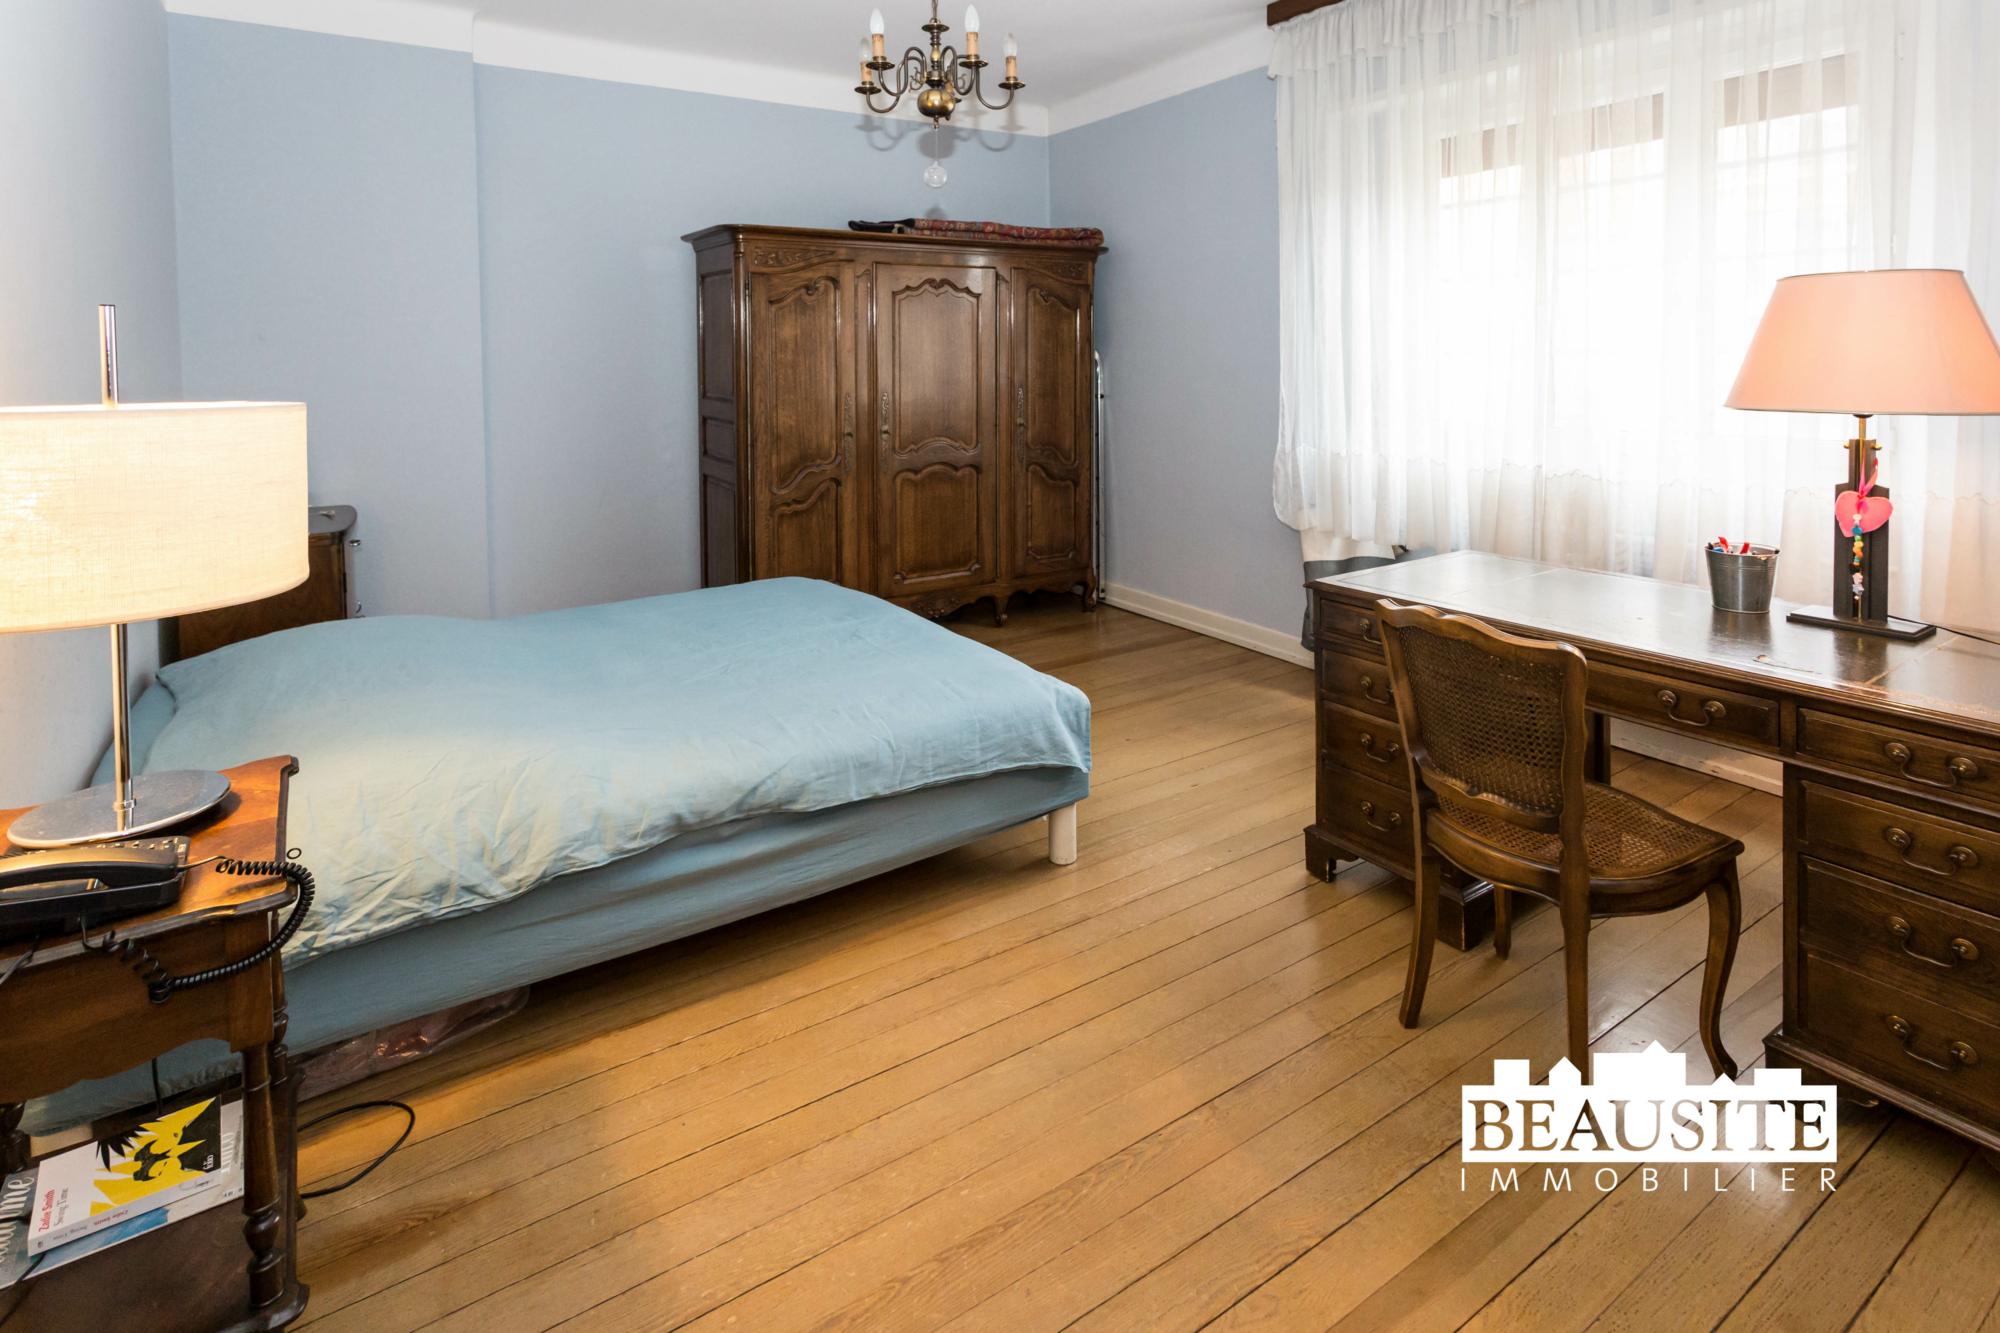 [Paquebot] Accostez dans un appartement à la vue sur la Cathédrale - Halles / rue de Bouxwiller - nos ventes - Beausite Immobilier 13